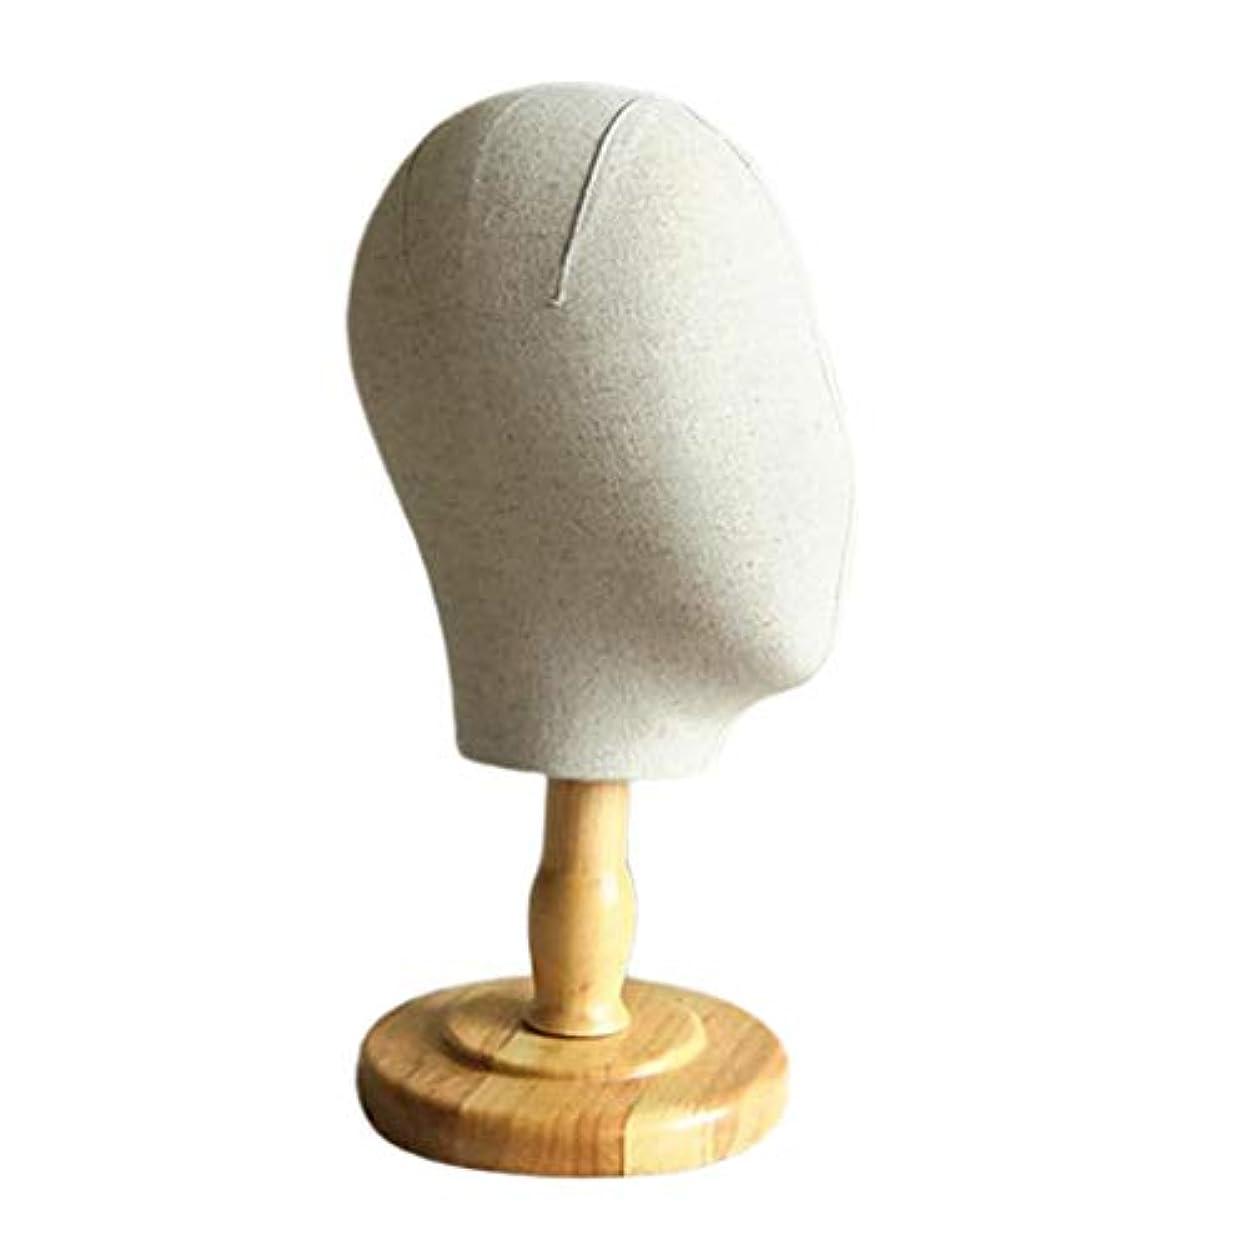 縫い目レンド降臨Toygogo 帽子 スタンド マネキンヘッド ウィッグスタンド かつら ウィッグ ディスプレイ ヘッドホルダー